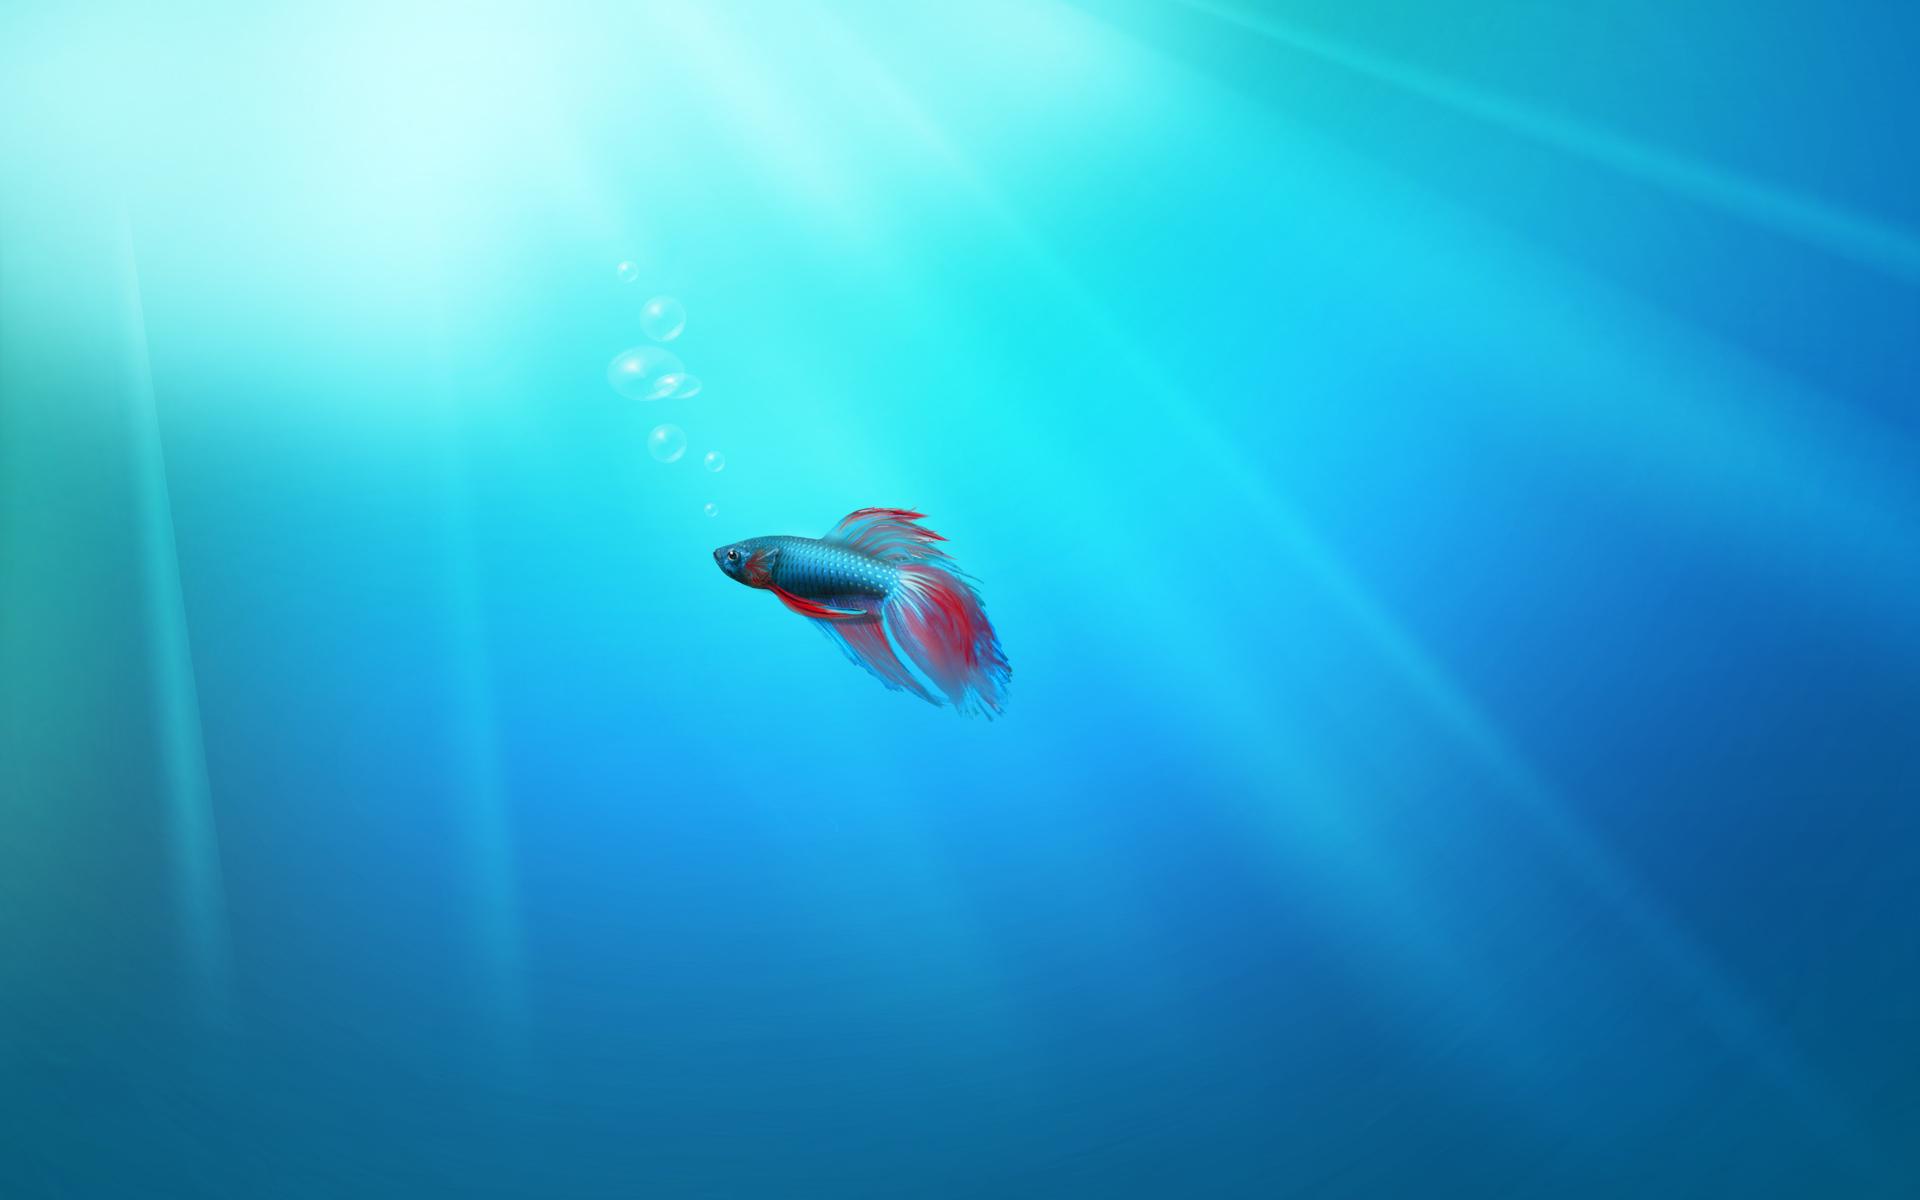 Unduh 7300 Koleksi Wallpaper Animasi Bergerak Windows 7 HD Paling Keren